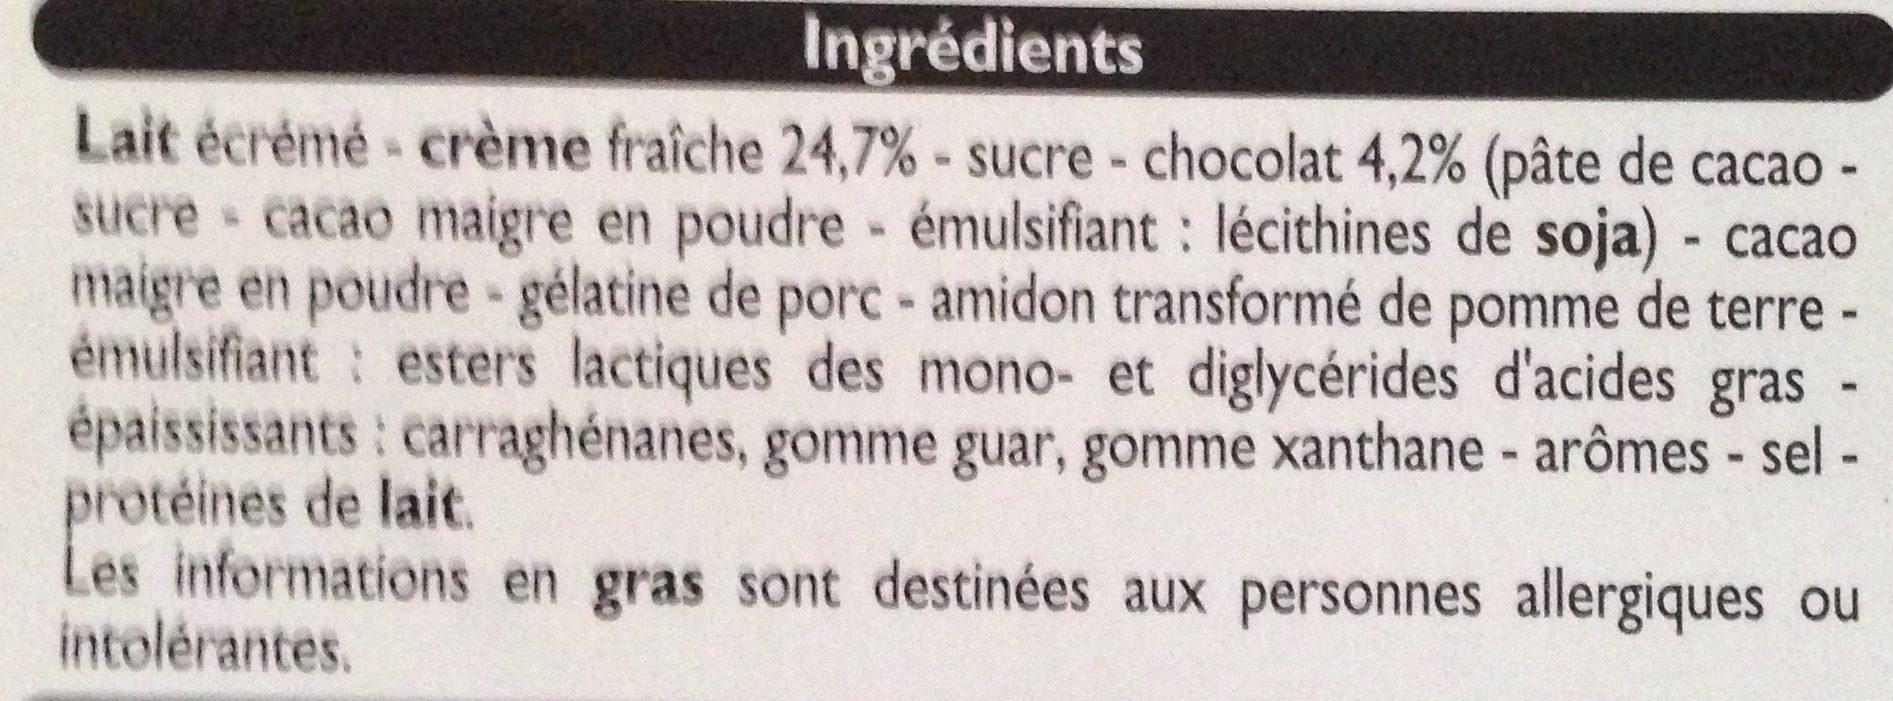 Mousse Liégeoise au Chocolat - Ingrédients - fr